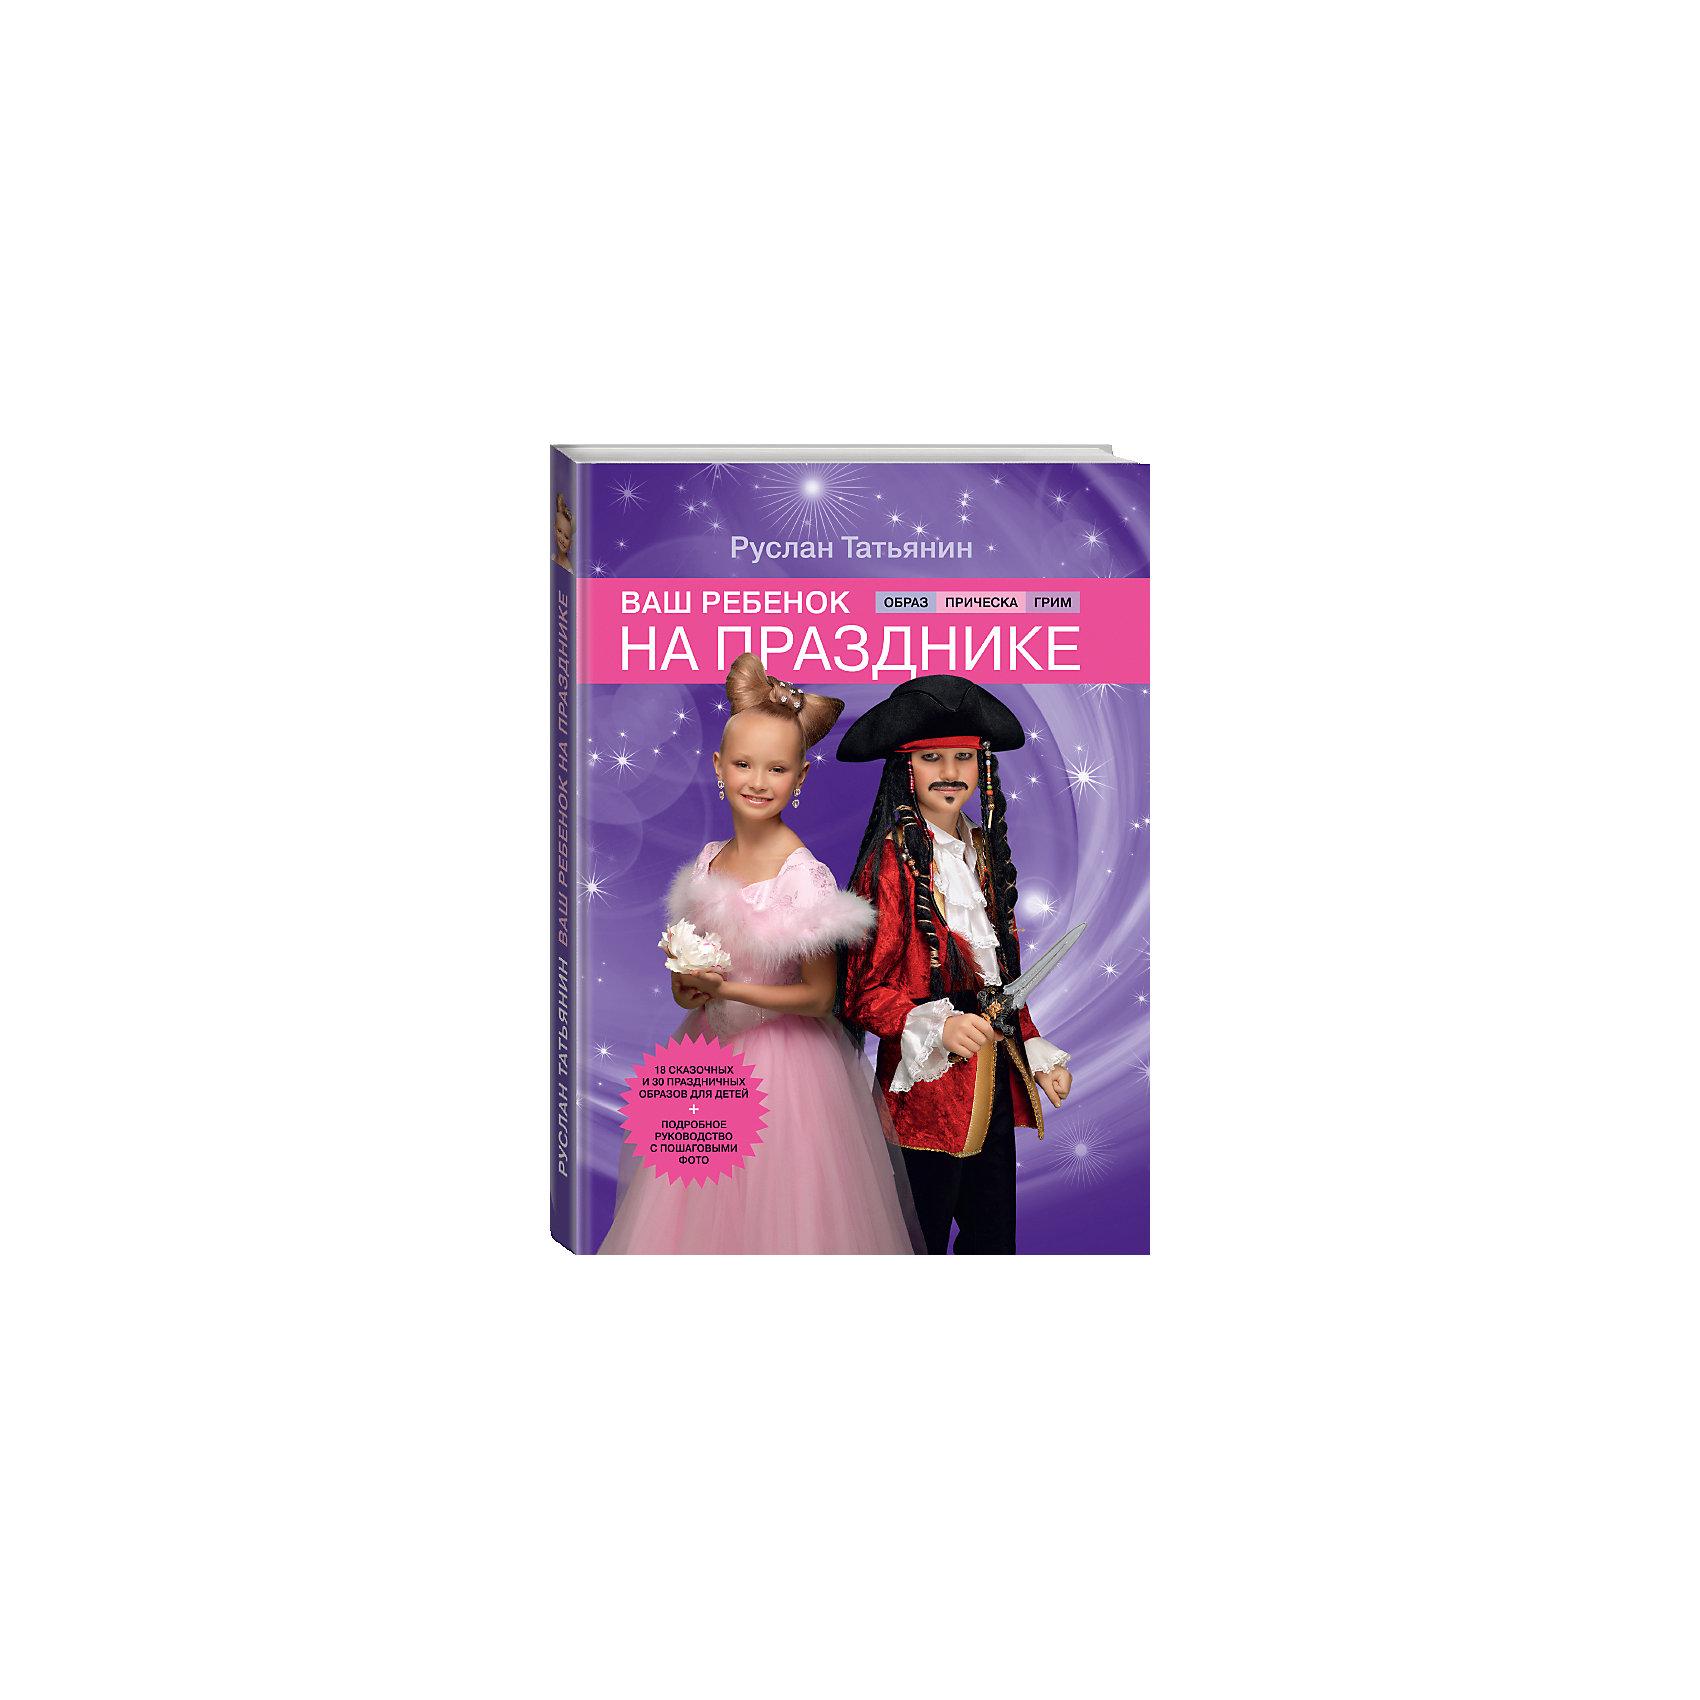 Ваш ребенок на празднике. Образ, прическа, гримБратья Гримм<br>Руслан Татьянин - знаменитый стилист, работающий со звездами кино и шоу-бизнеса. Его первая книга «Лучшие прически на все случаи жизни» стала бестселлером. Вторая книга предназначена для родителей детей от 3 до 10 лет. Это подробное руководство по созданию  праздничного образа для девочек, мальчиков, также мам и пап с помощью прически, макияжа, а иногда и грима своими руками к самым любимым праздникам – Новому году, дню рождения, Хэллоуину, первому балу. Вот лишь некоторые из них: волшебница Винкс, , Белоснежка, Русалочка Ариэль, принцессы и королевы, Бэтмен, Кощей Бессмертный, Петрушка, Вампир. Для мам - Мэрилин Монро, лесная фея, гейша, женщина-кошка, для пап -  Дед Мороз, граф Дракула, вождь краснокожих, Джокер. В книге представлен удивительный анималистический грим: тигренок, щенок, котенок, зайчик, рысь, леопард. 49 праздничных и сказочных образов для детей и 10 – для взрослых. Пошаговые иллюстрации, подробное описание действий – с помощью этой красивой книги вы устроите незабываемый праздник для всей семьи!<br><br>Дополнительная информация:<br><br>- Автор: Руслан Татьянин<br>- Переплет: Твердый  переплет.<br>- Тип иллюстраций: Цветные фотографии.<br>- Год выпуска: 2011<br>- Кол. страниц: 224<br>- ISBN: 978-5-699-53152-3<br>- Размер упаковки: 26х21х2 см.<br>- Вес в упаковке: 920 г.<br><br>Книгу Ваш ребенок на празднике. Образ, прическа, грим. можно купить в нашем магазине.<br><br>Ширина мм: 260<br>Глубина мм: 210<br>Высота мм: 20<br>Вес г: 920<br>Возраст от месяцев: 144<br>Возраст до месяцев: 2147483647<br>Пол: Унисекс<br>Возраст: Детский<br>SKU: 4786137